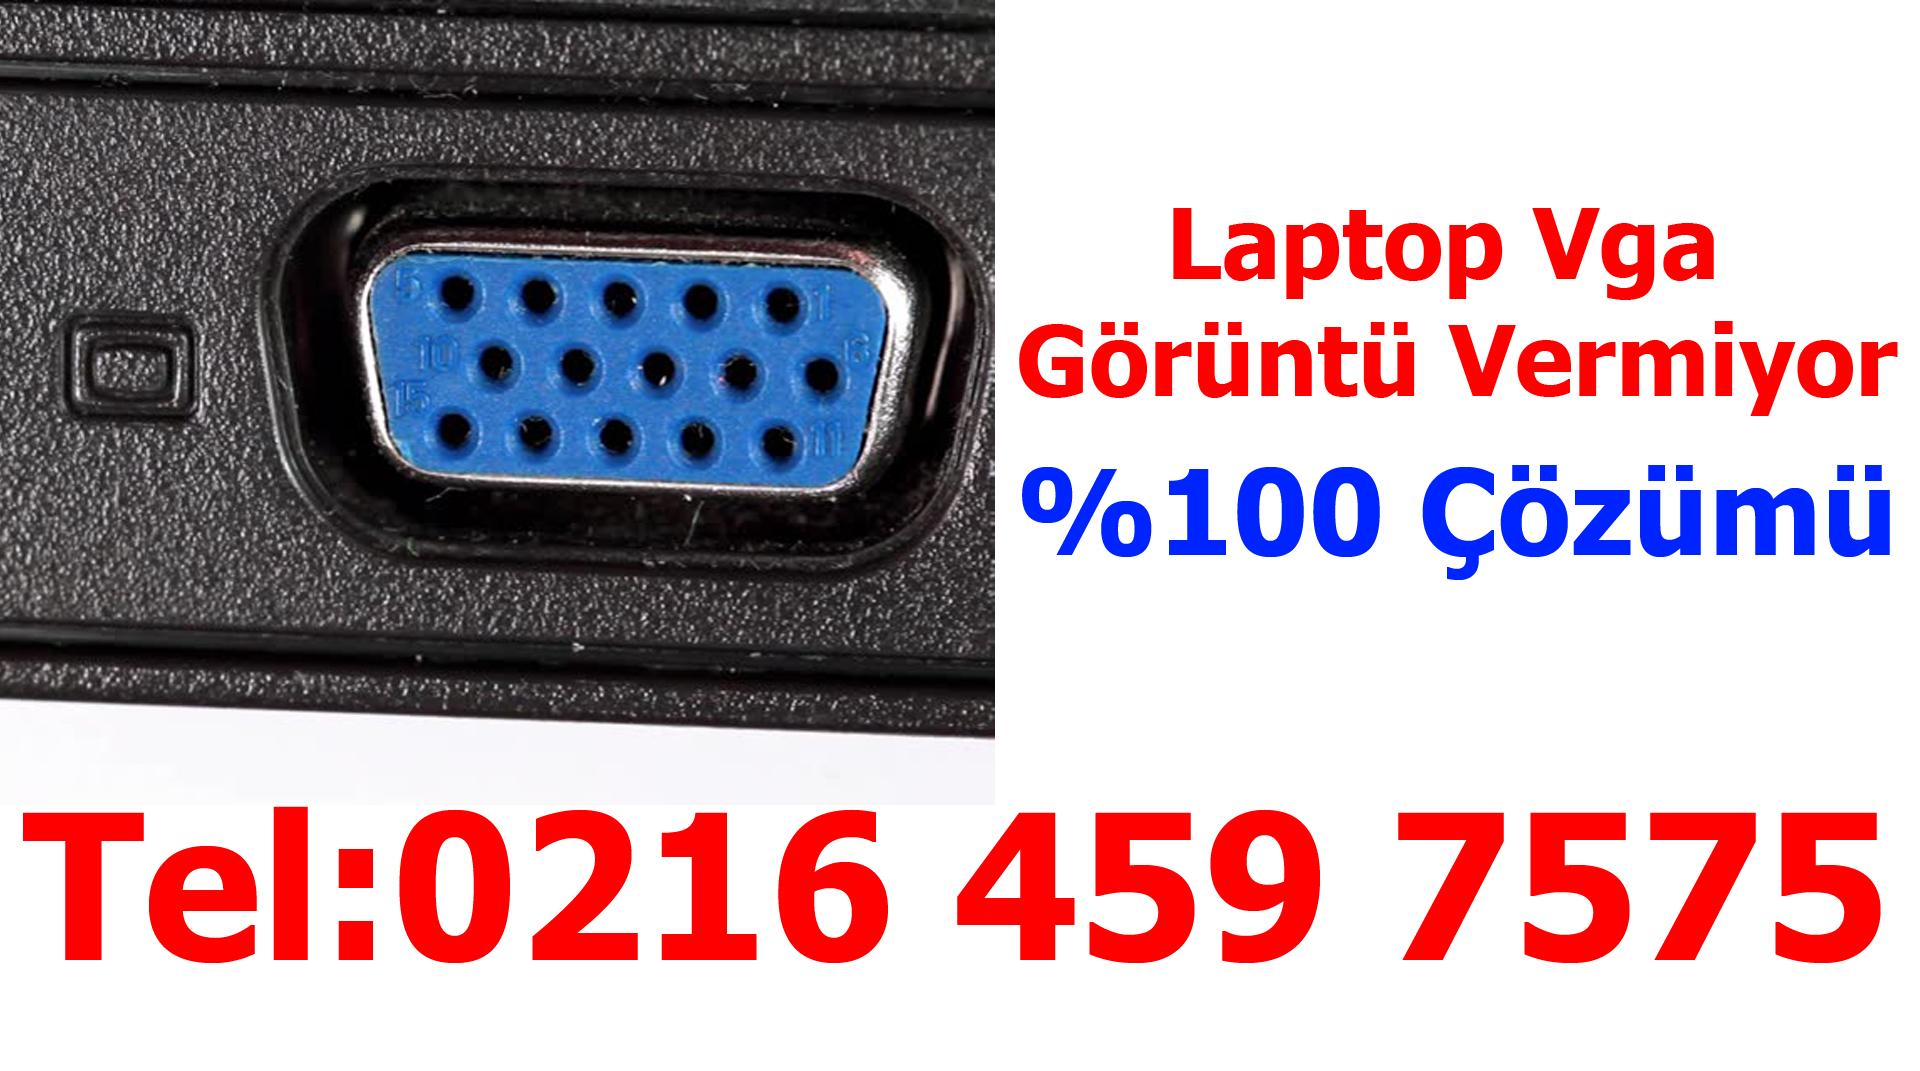 Laptop Vga Görüntü Vermiyor !! Çalışmıyor